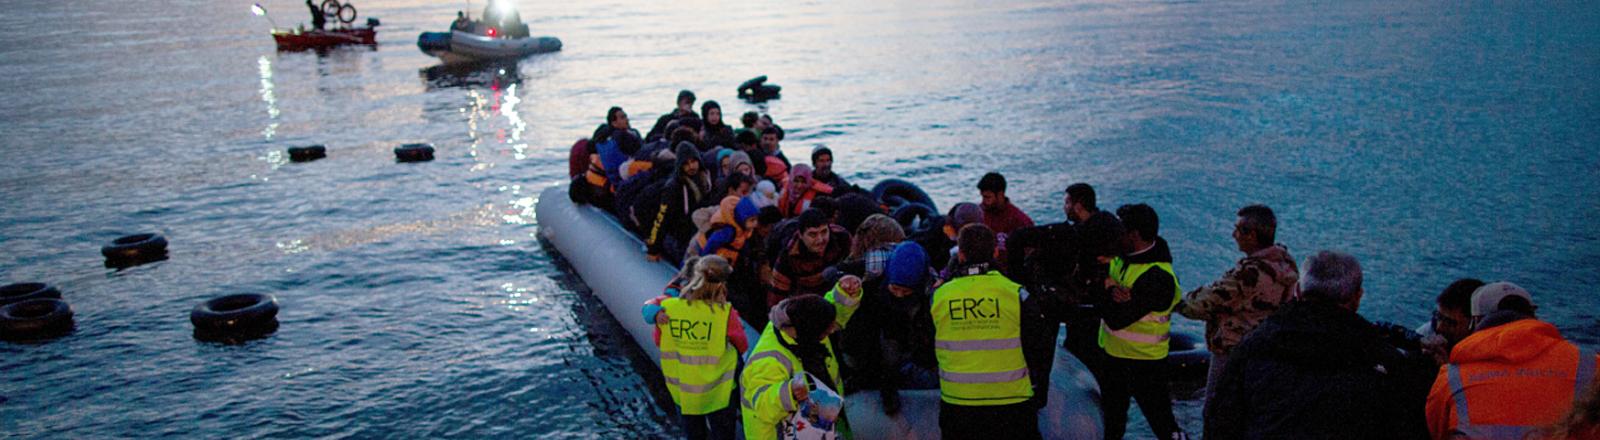 Flüchtlinge sitzen in einem Schlauchboot